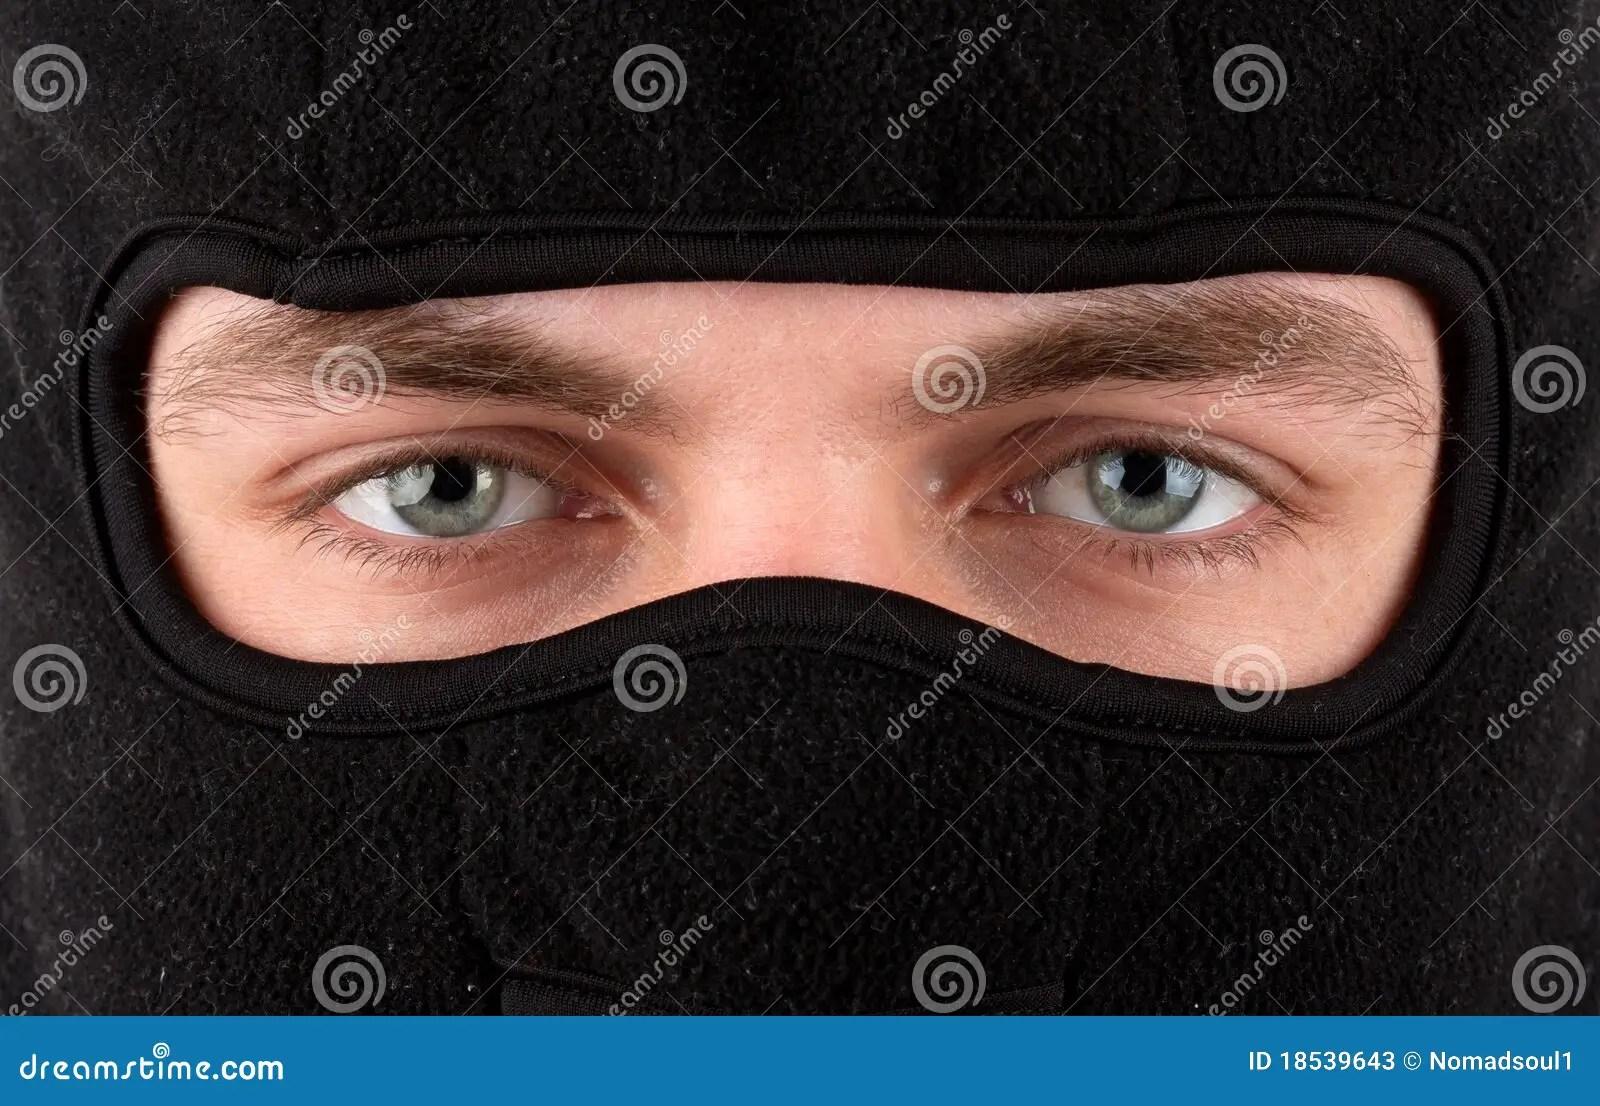 巴拉克拉法帽黑人 庫存圖片. 圖片 包括有 巴拉克拉法帽黑人 - 18539643